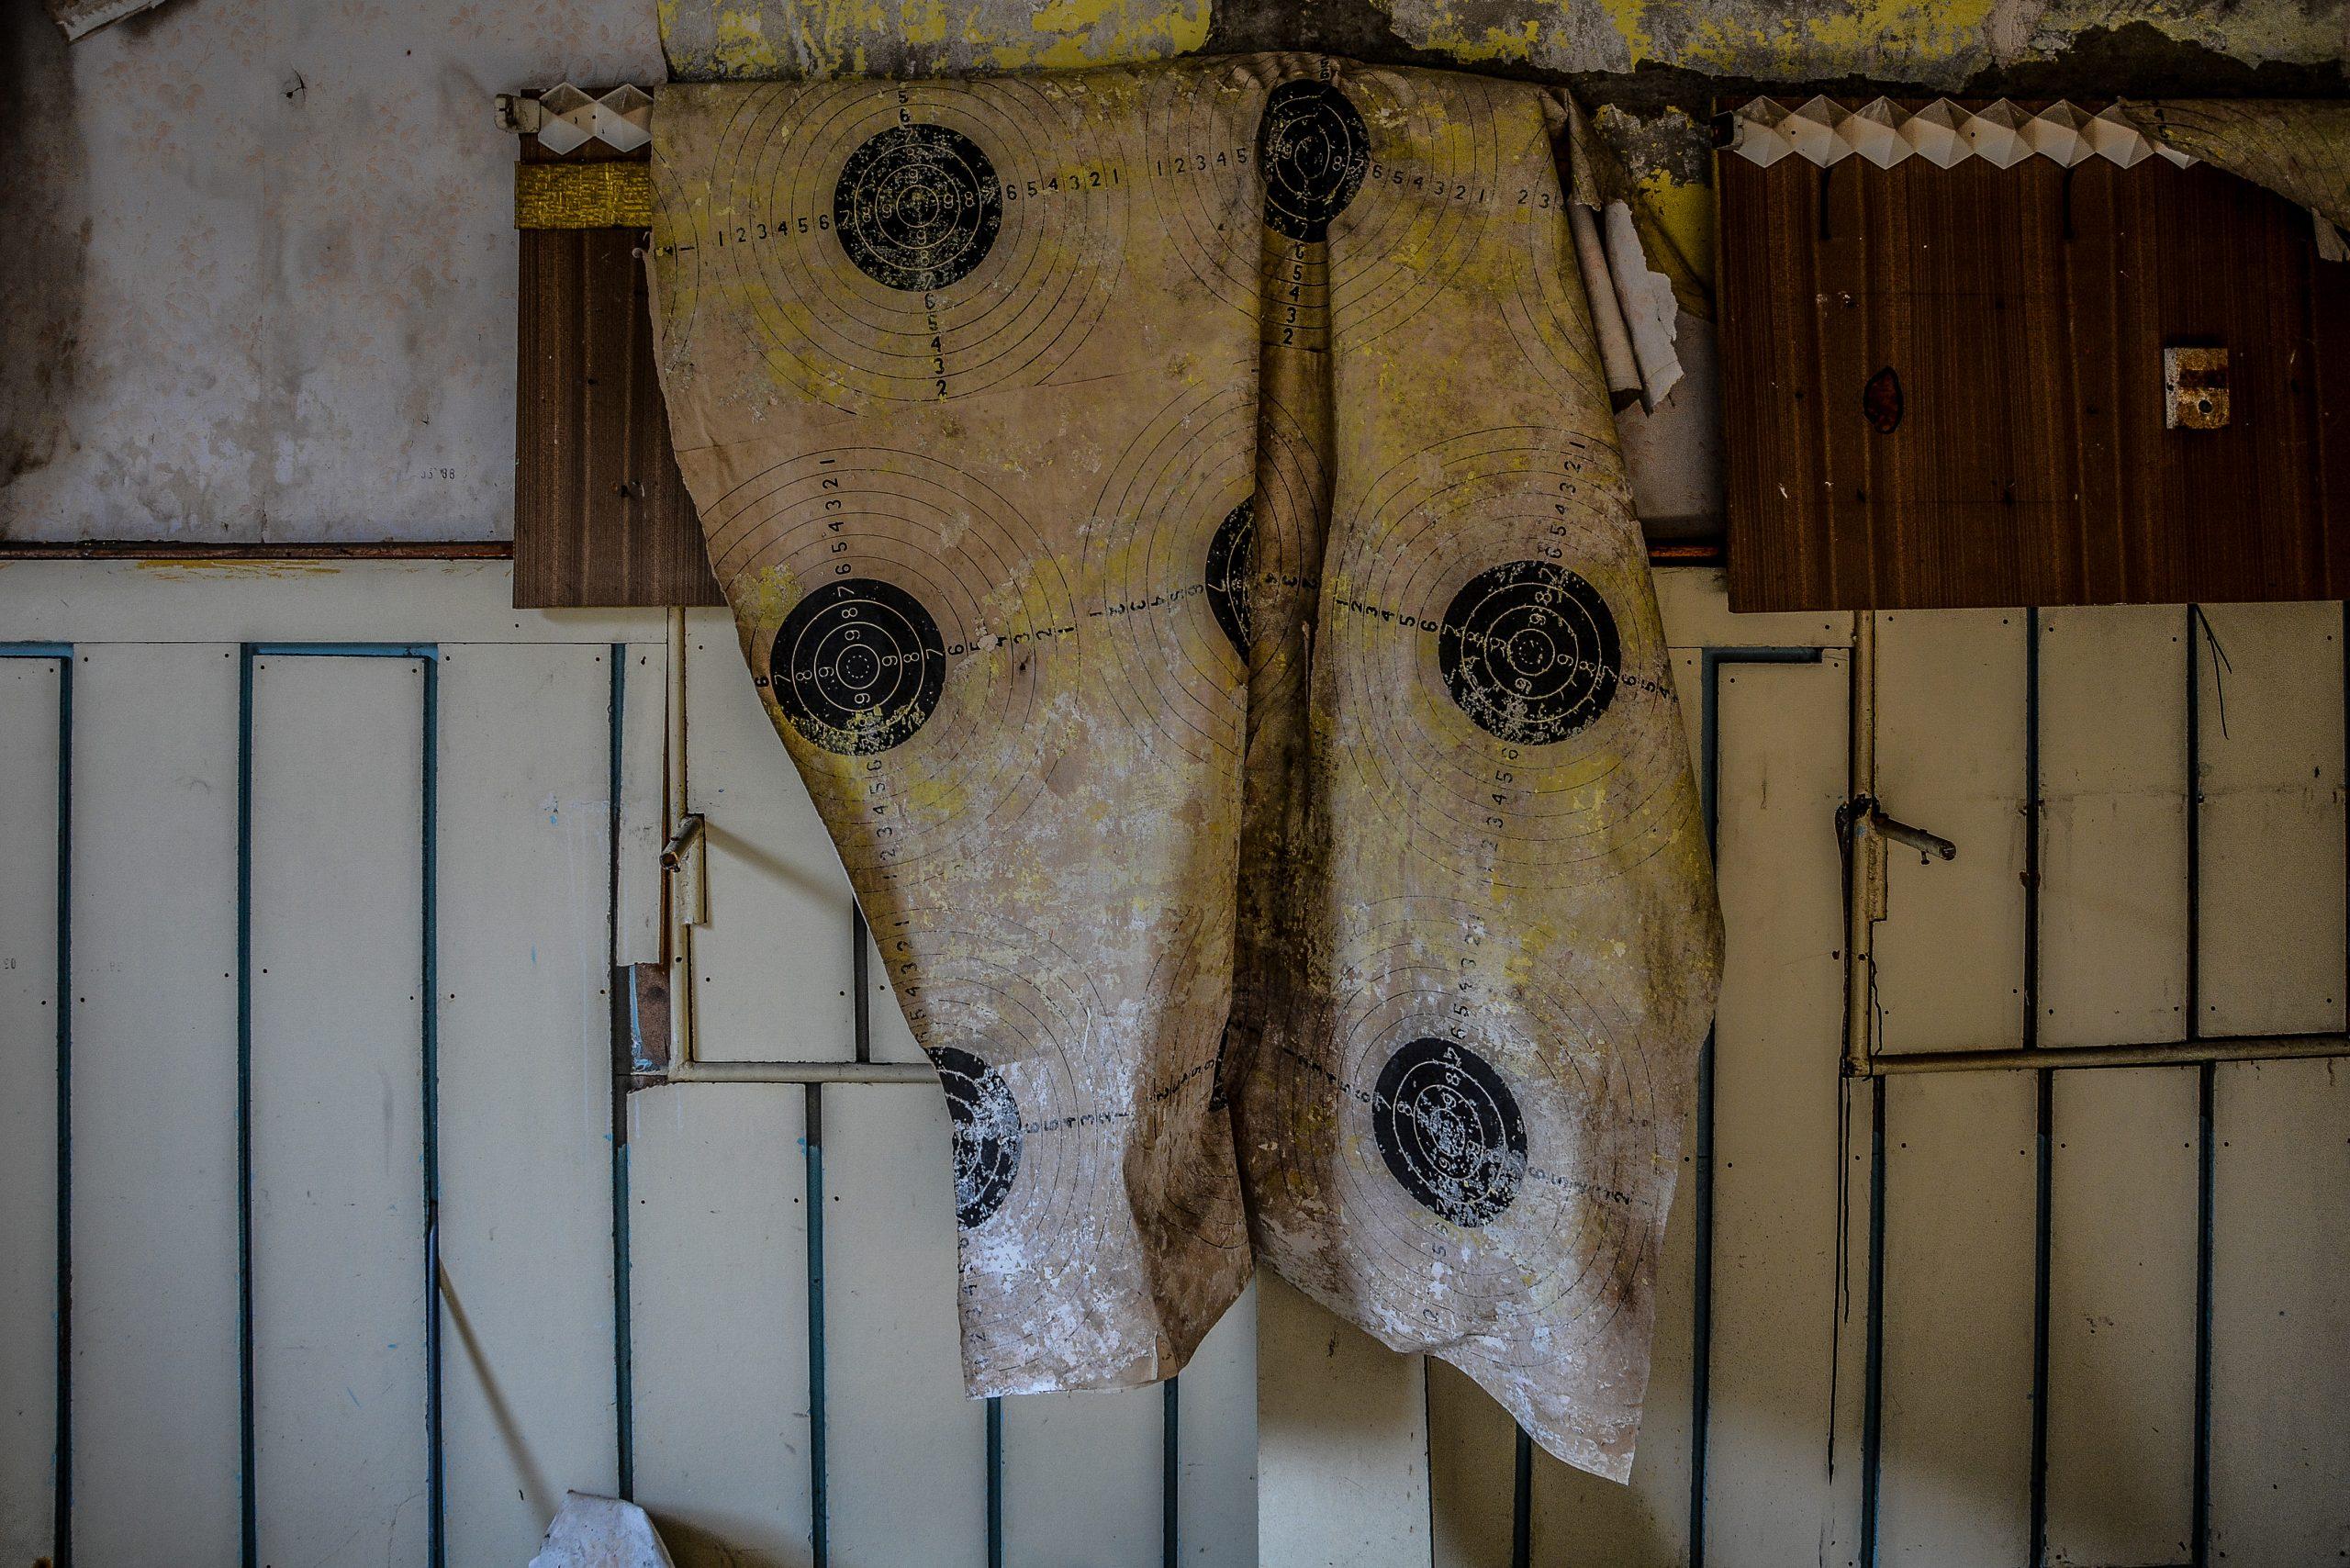 shooting target wallpaper forst zinna adolf hitler lager luckenwalde juterbog sowjet kaserne soviet military barracks germany lost places urbex abandoned